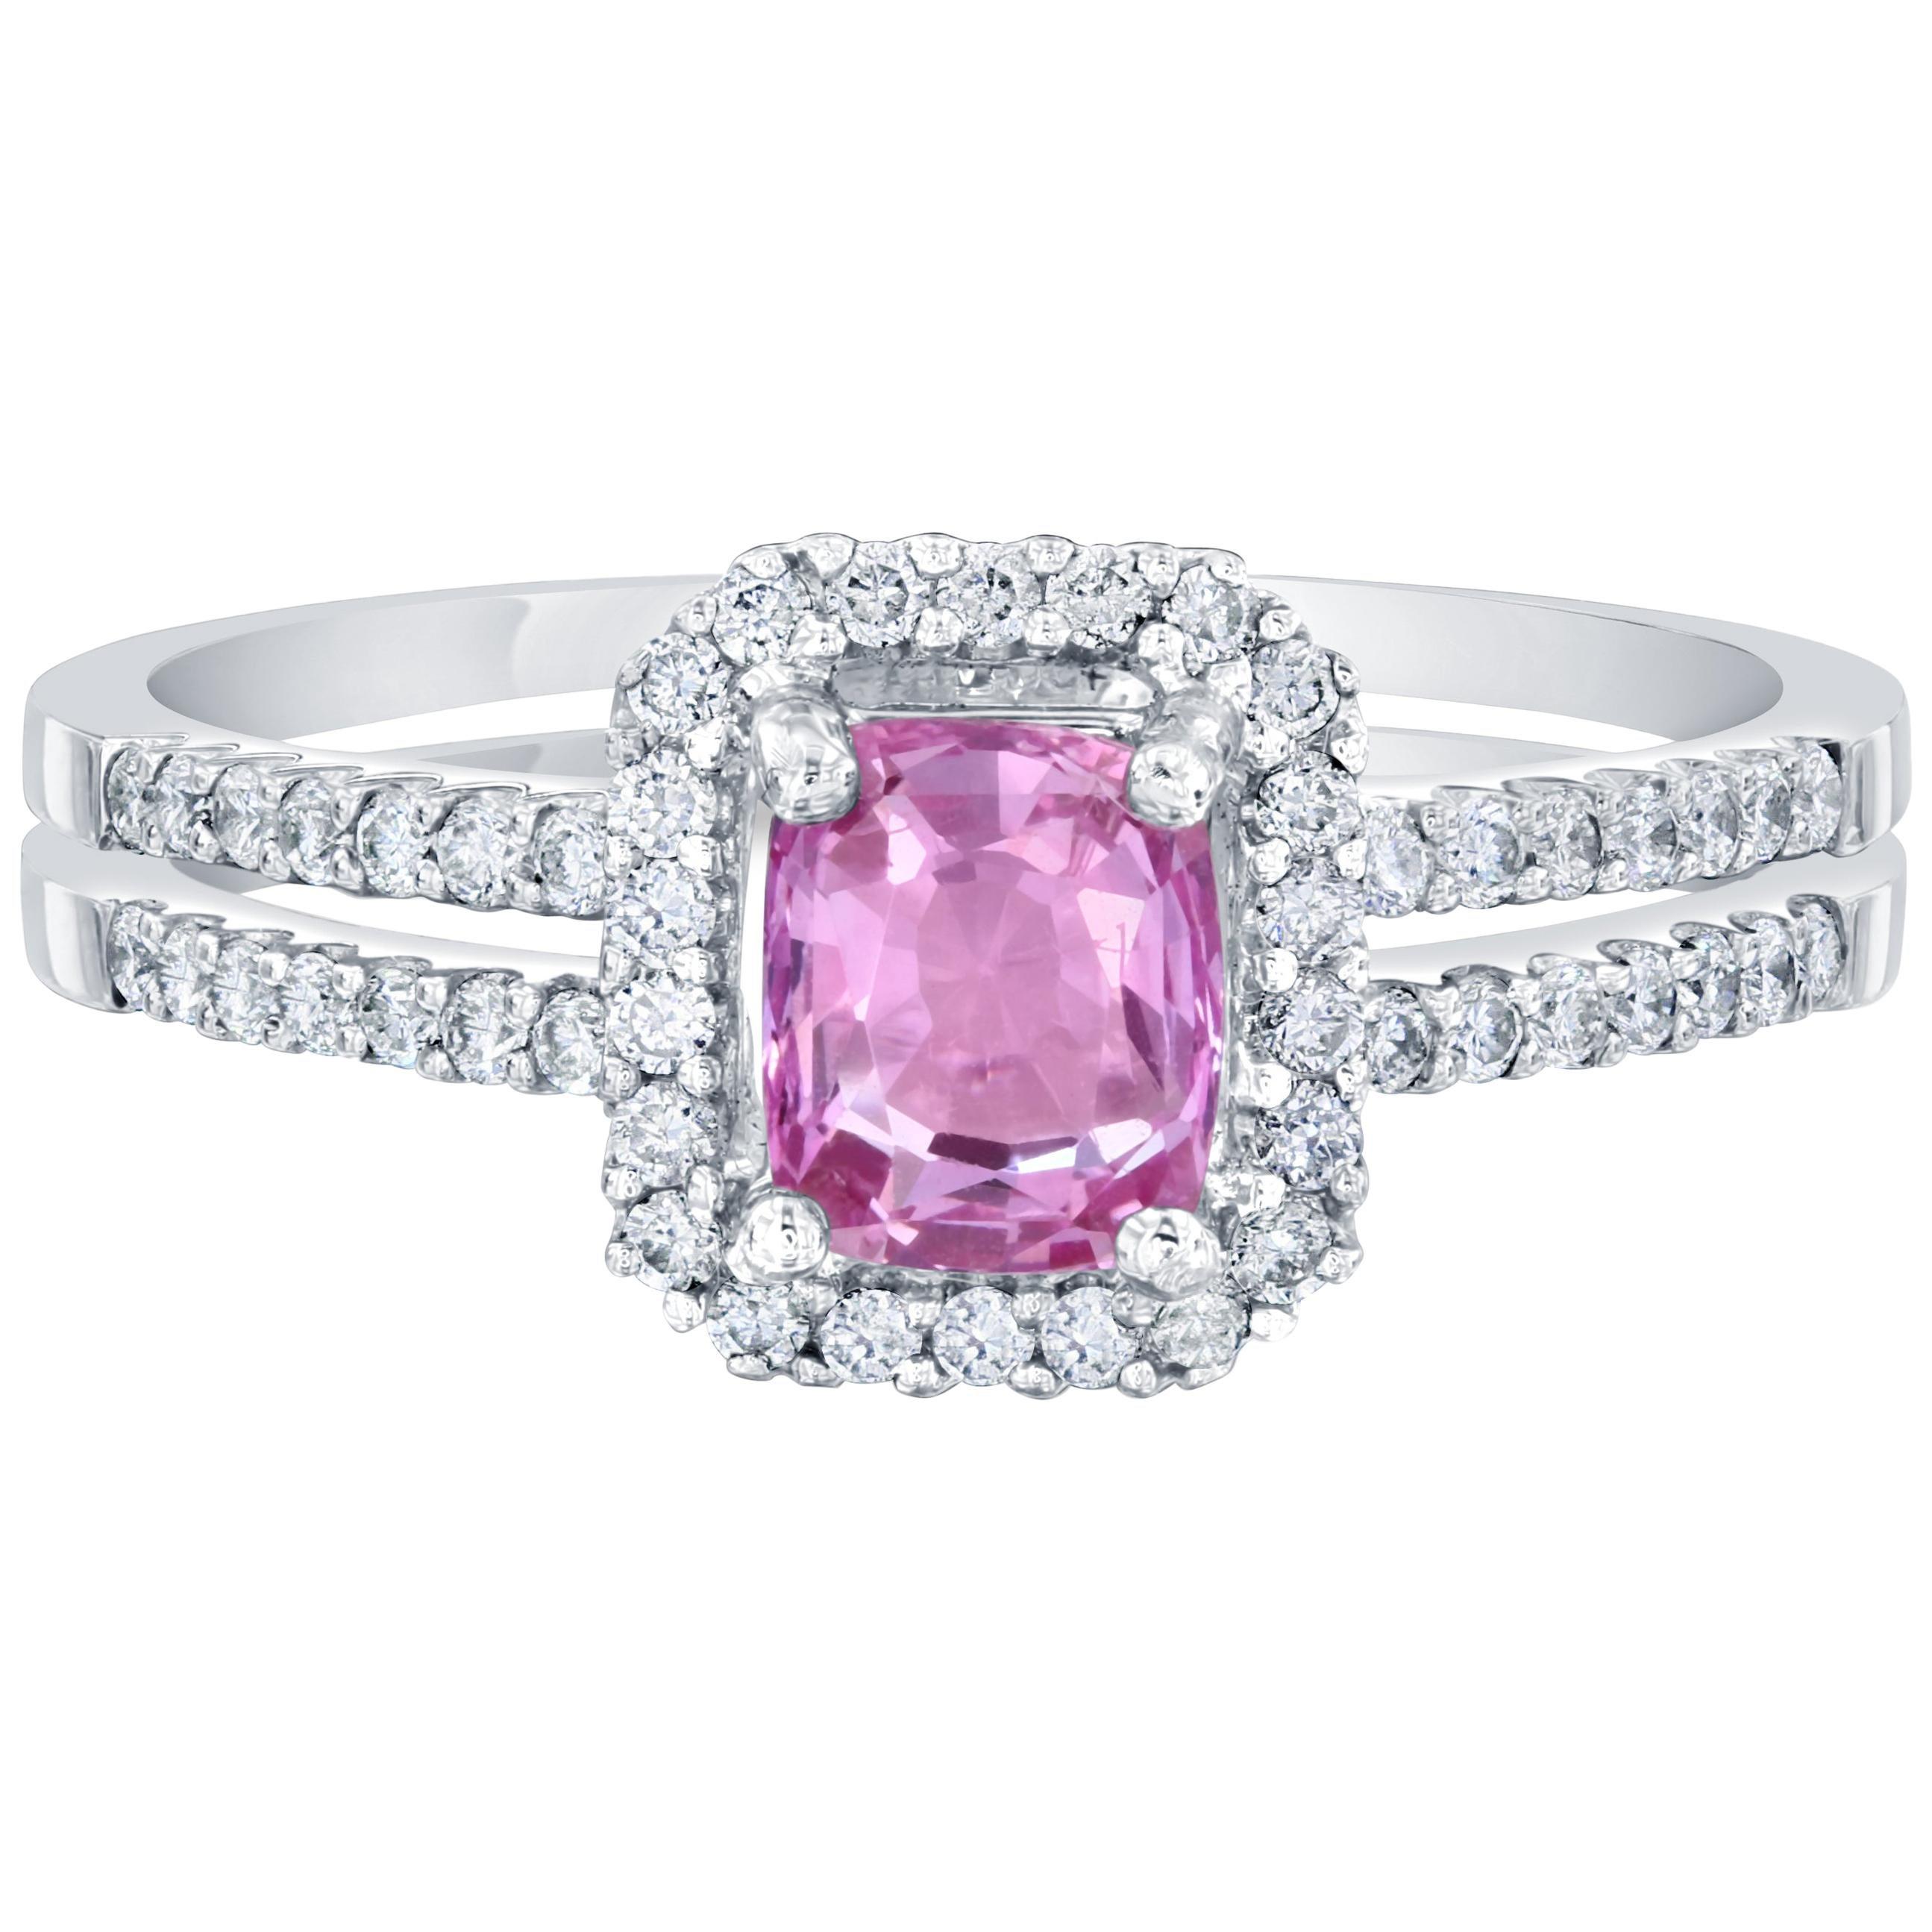 1.22 Carat GIA Certified Pink Sapphire Diamond Ring 14 Karat White Gold